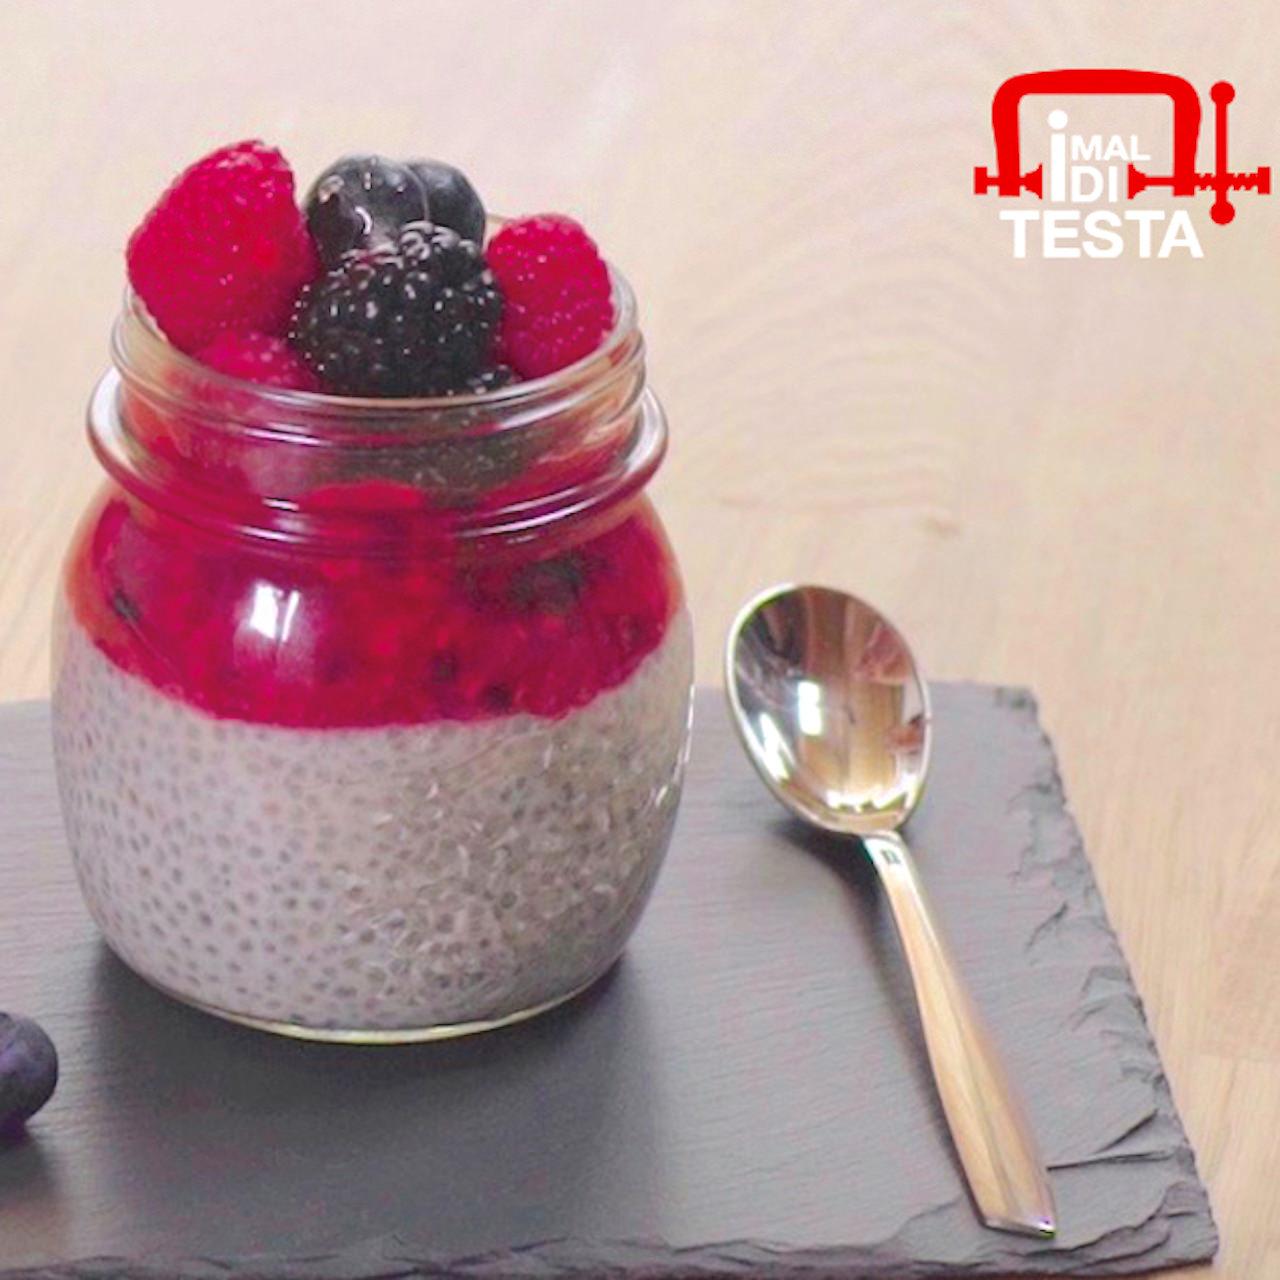 4-IMALDITESTA-Chia-Porridge